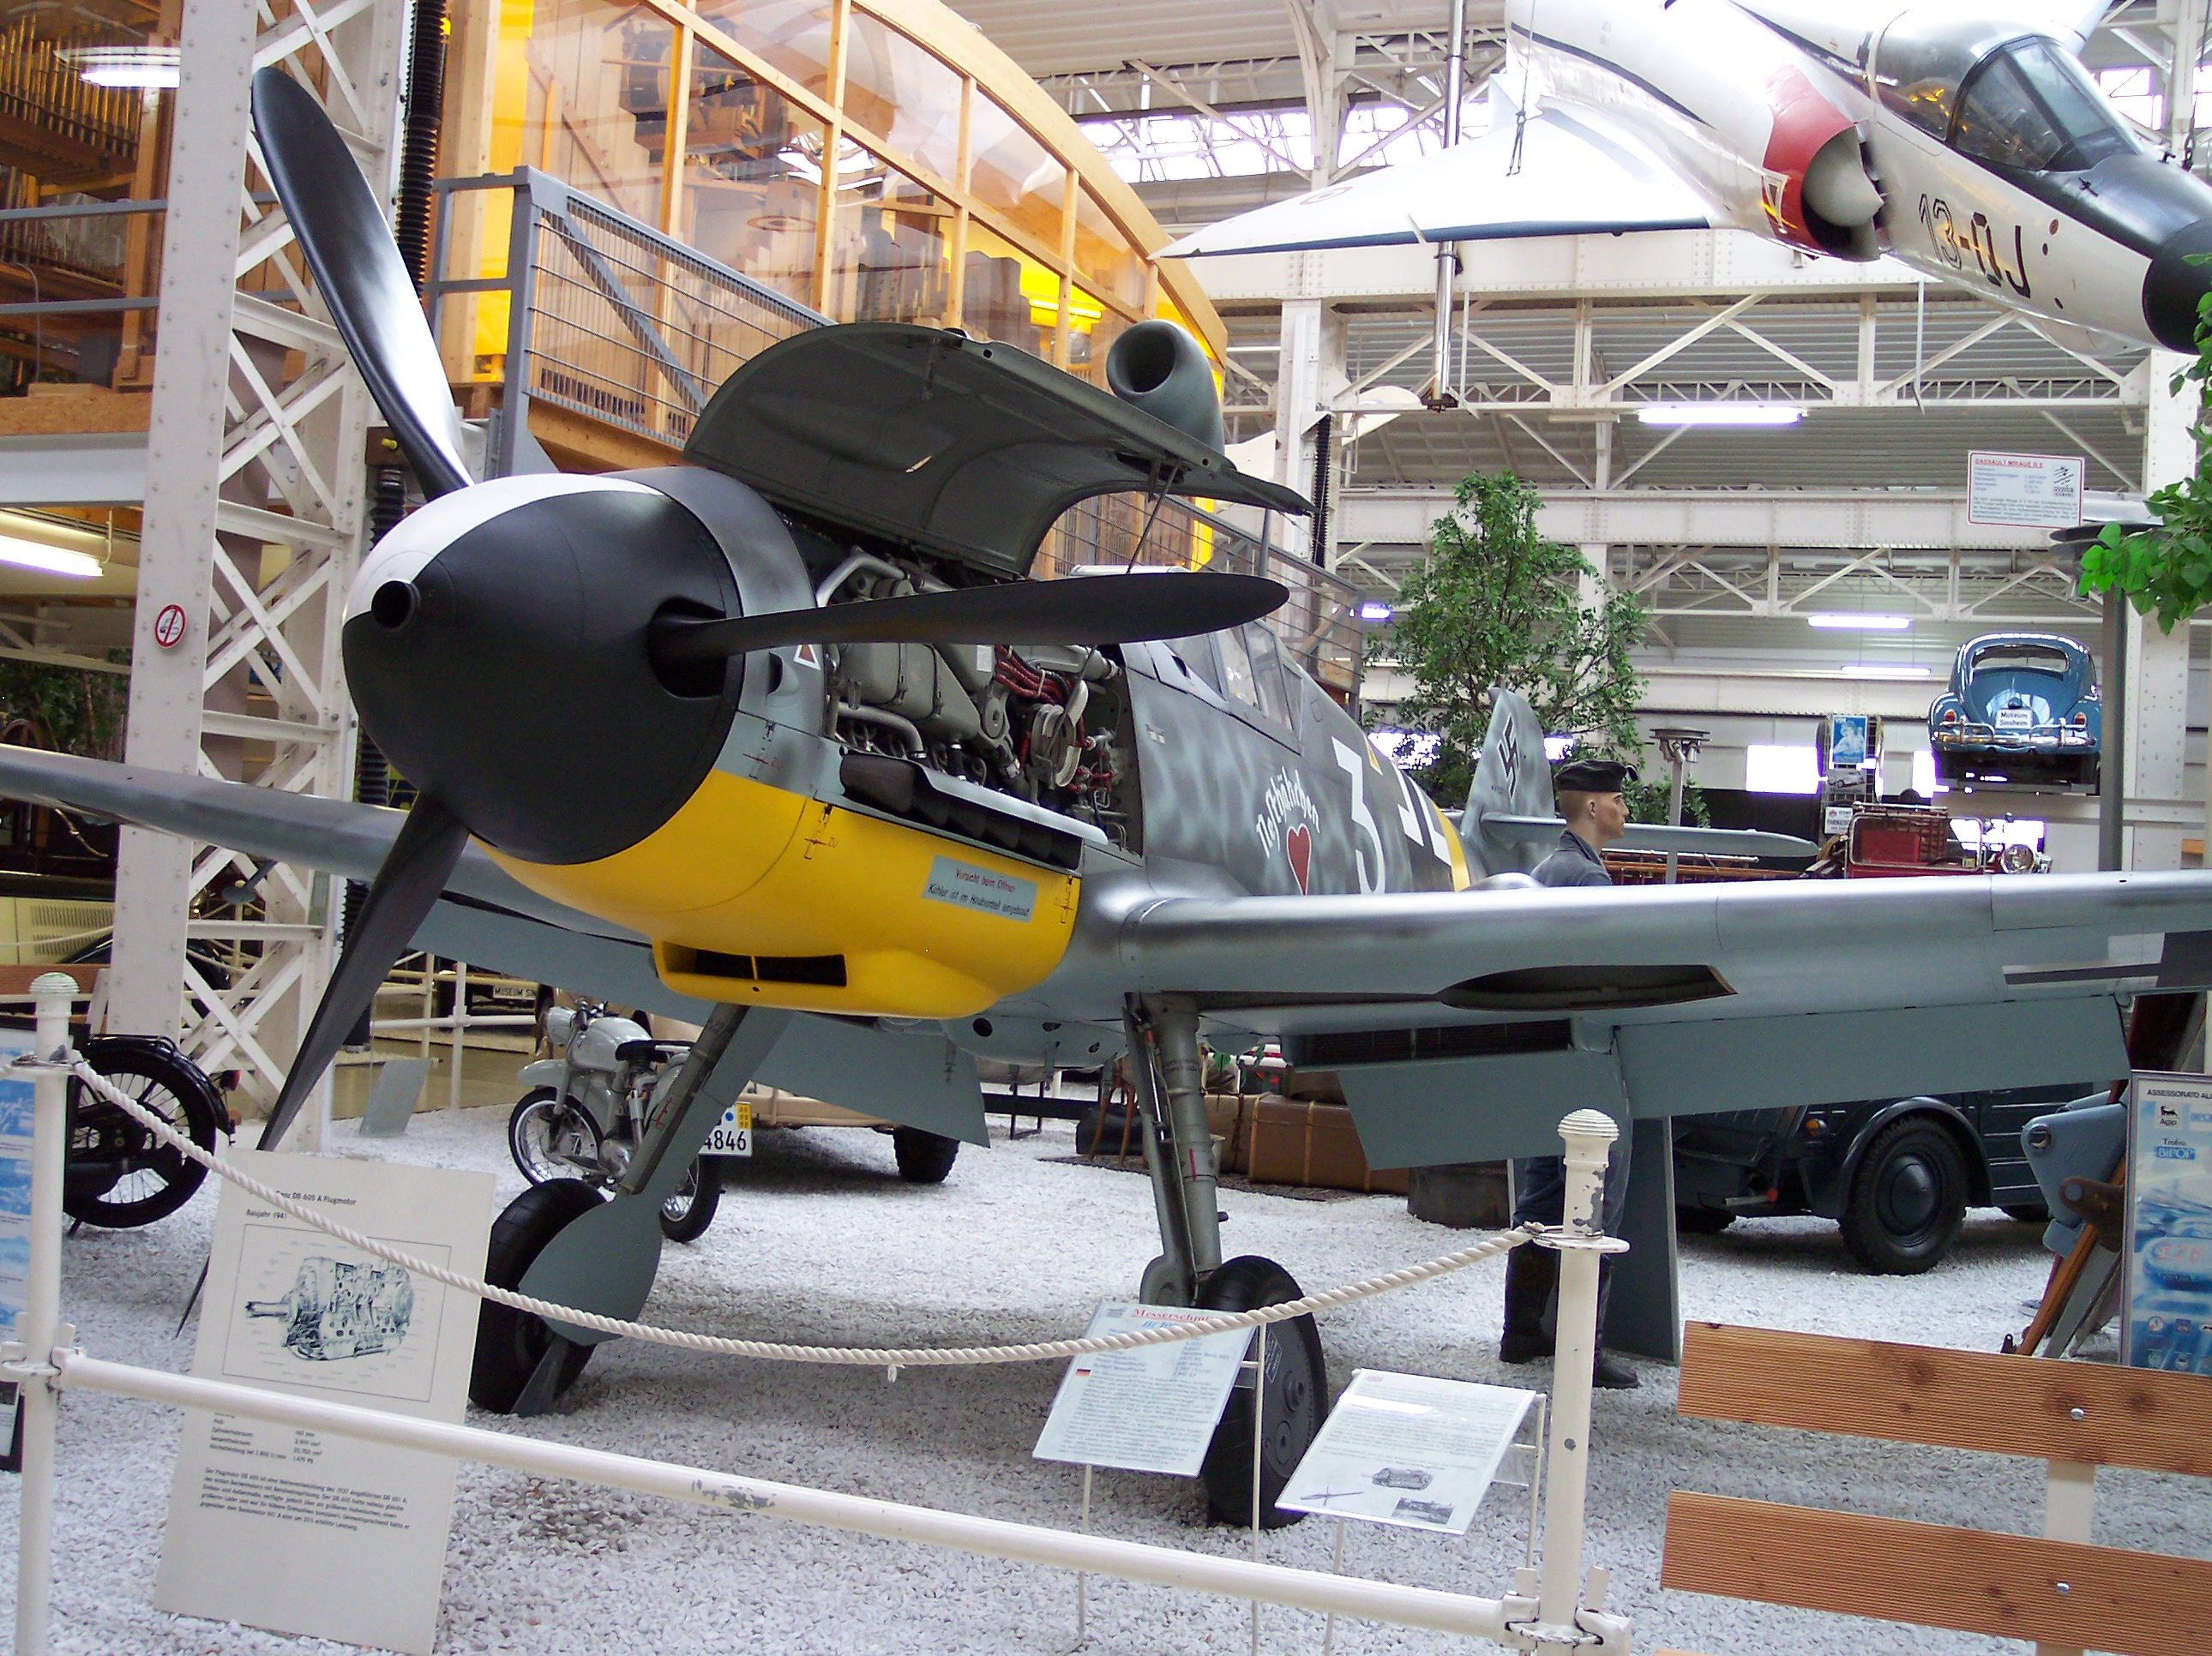 http://upload.wikimedia.org/wikipedia/commons/e/ee/Messerschmitt_Bf_109_G-4_Seriennummer_19310_vl.jpg